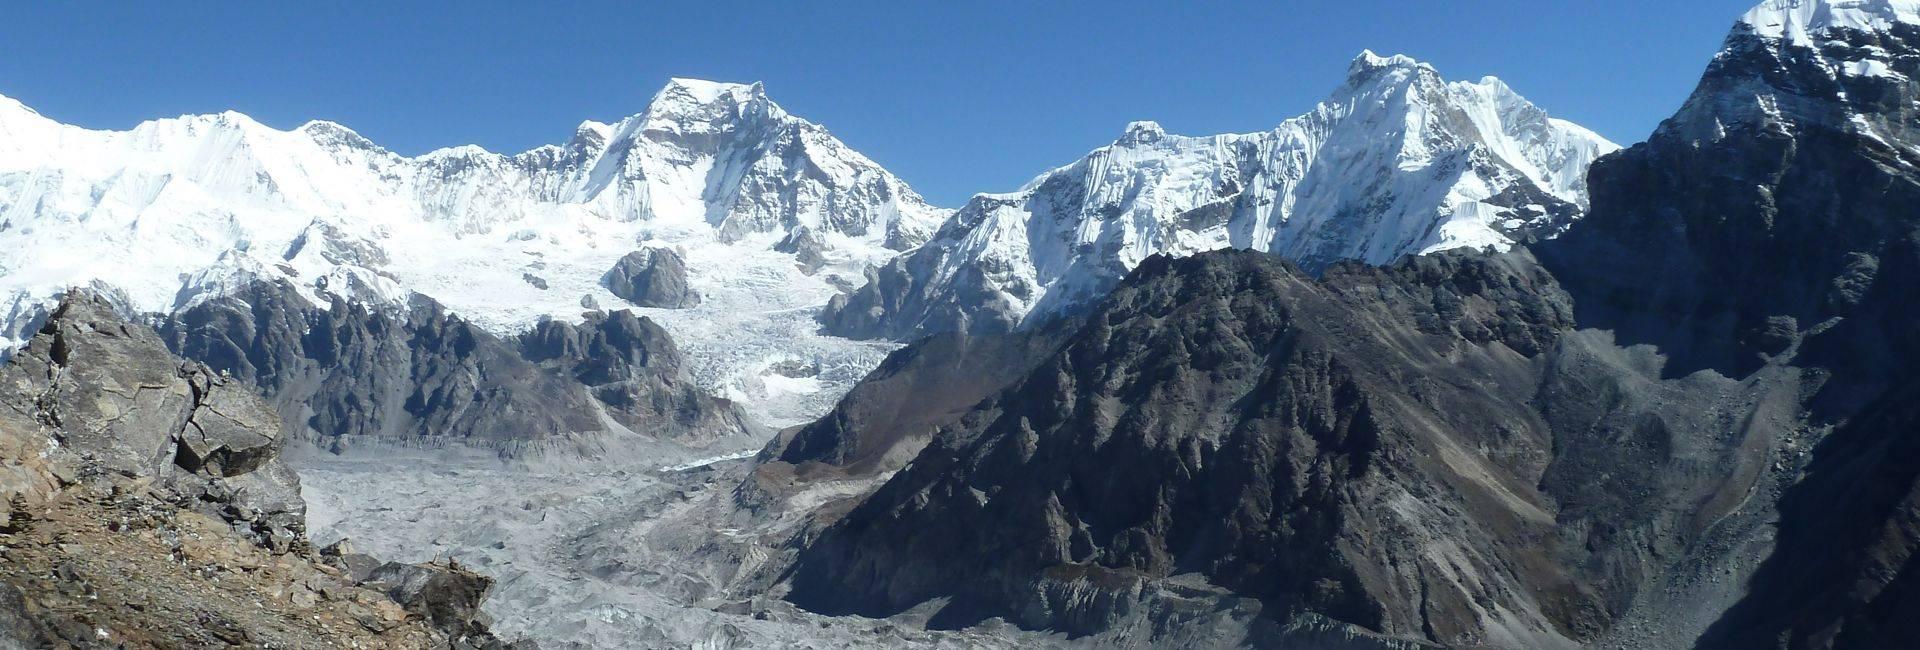 Everest High Passes trek in Nepal